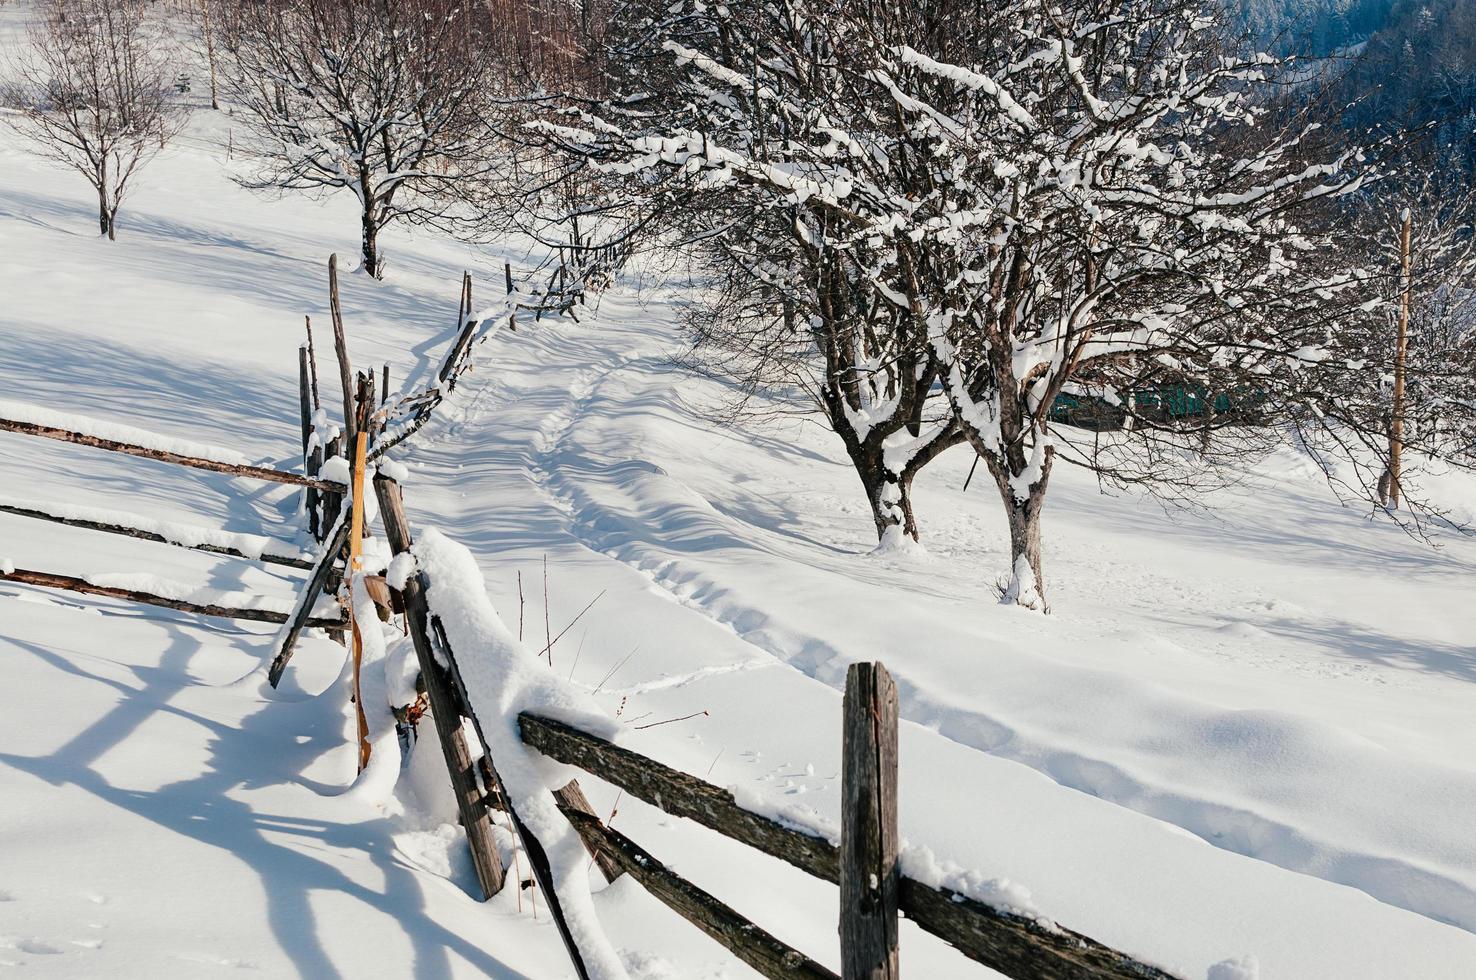 clôture enneigée campagne hiver ensoleillé paysage photo